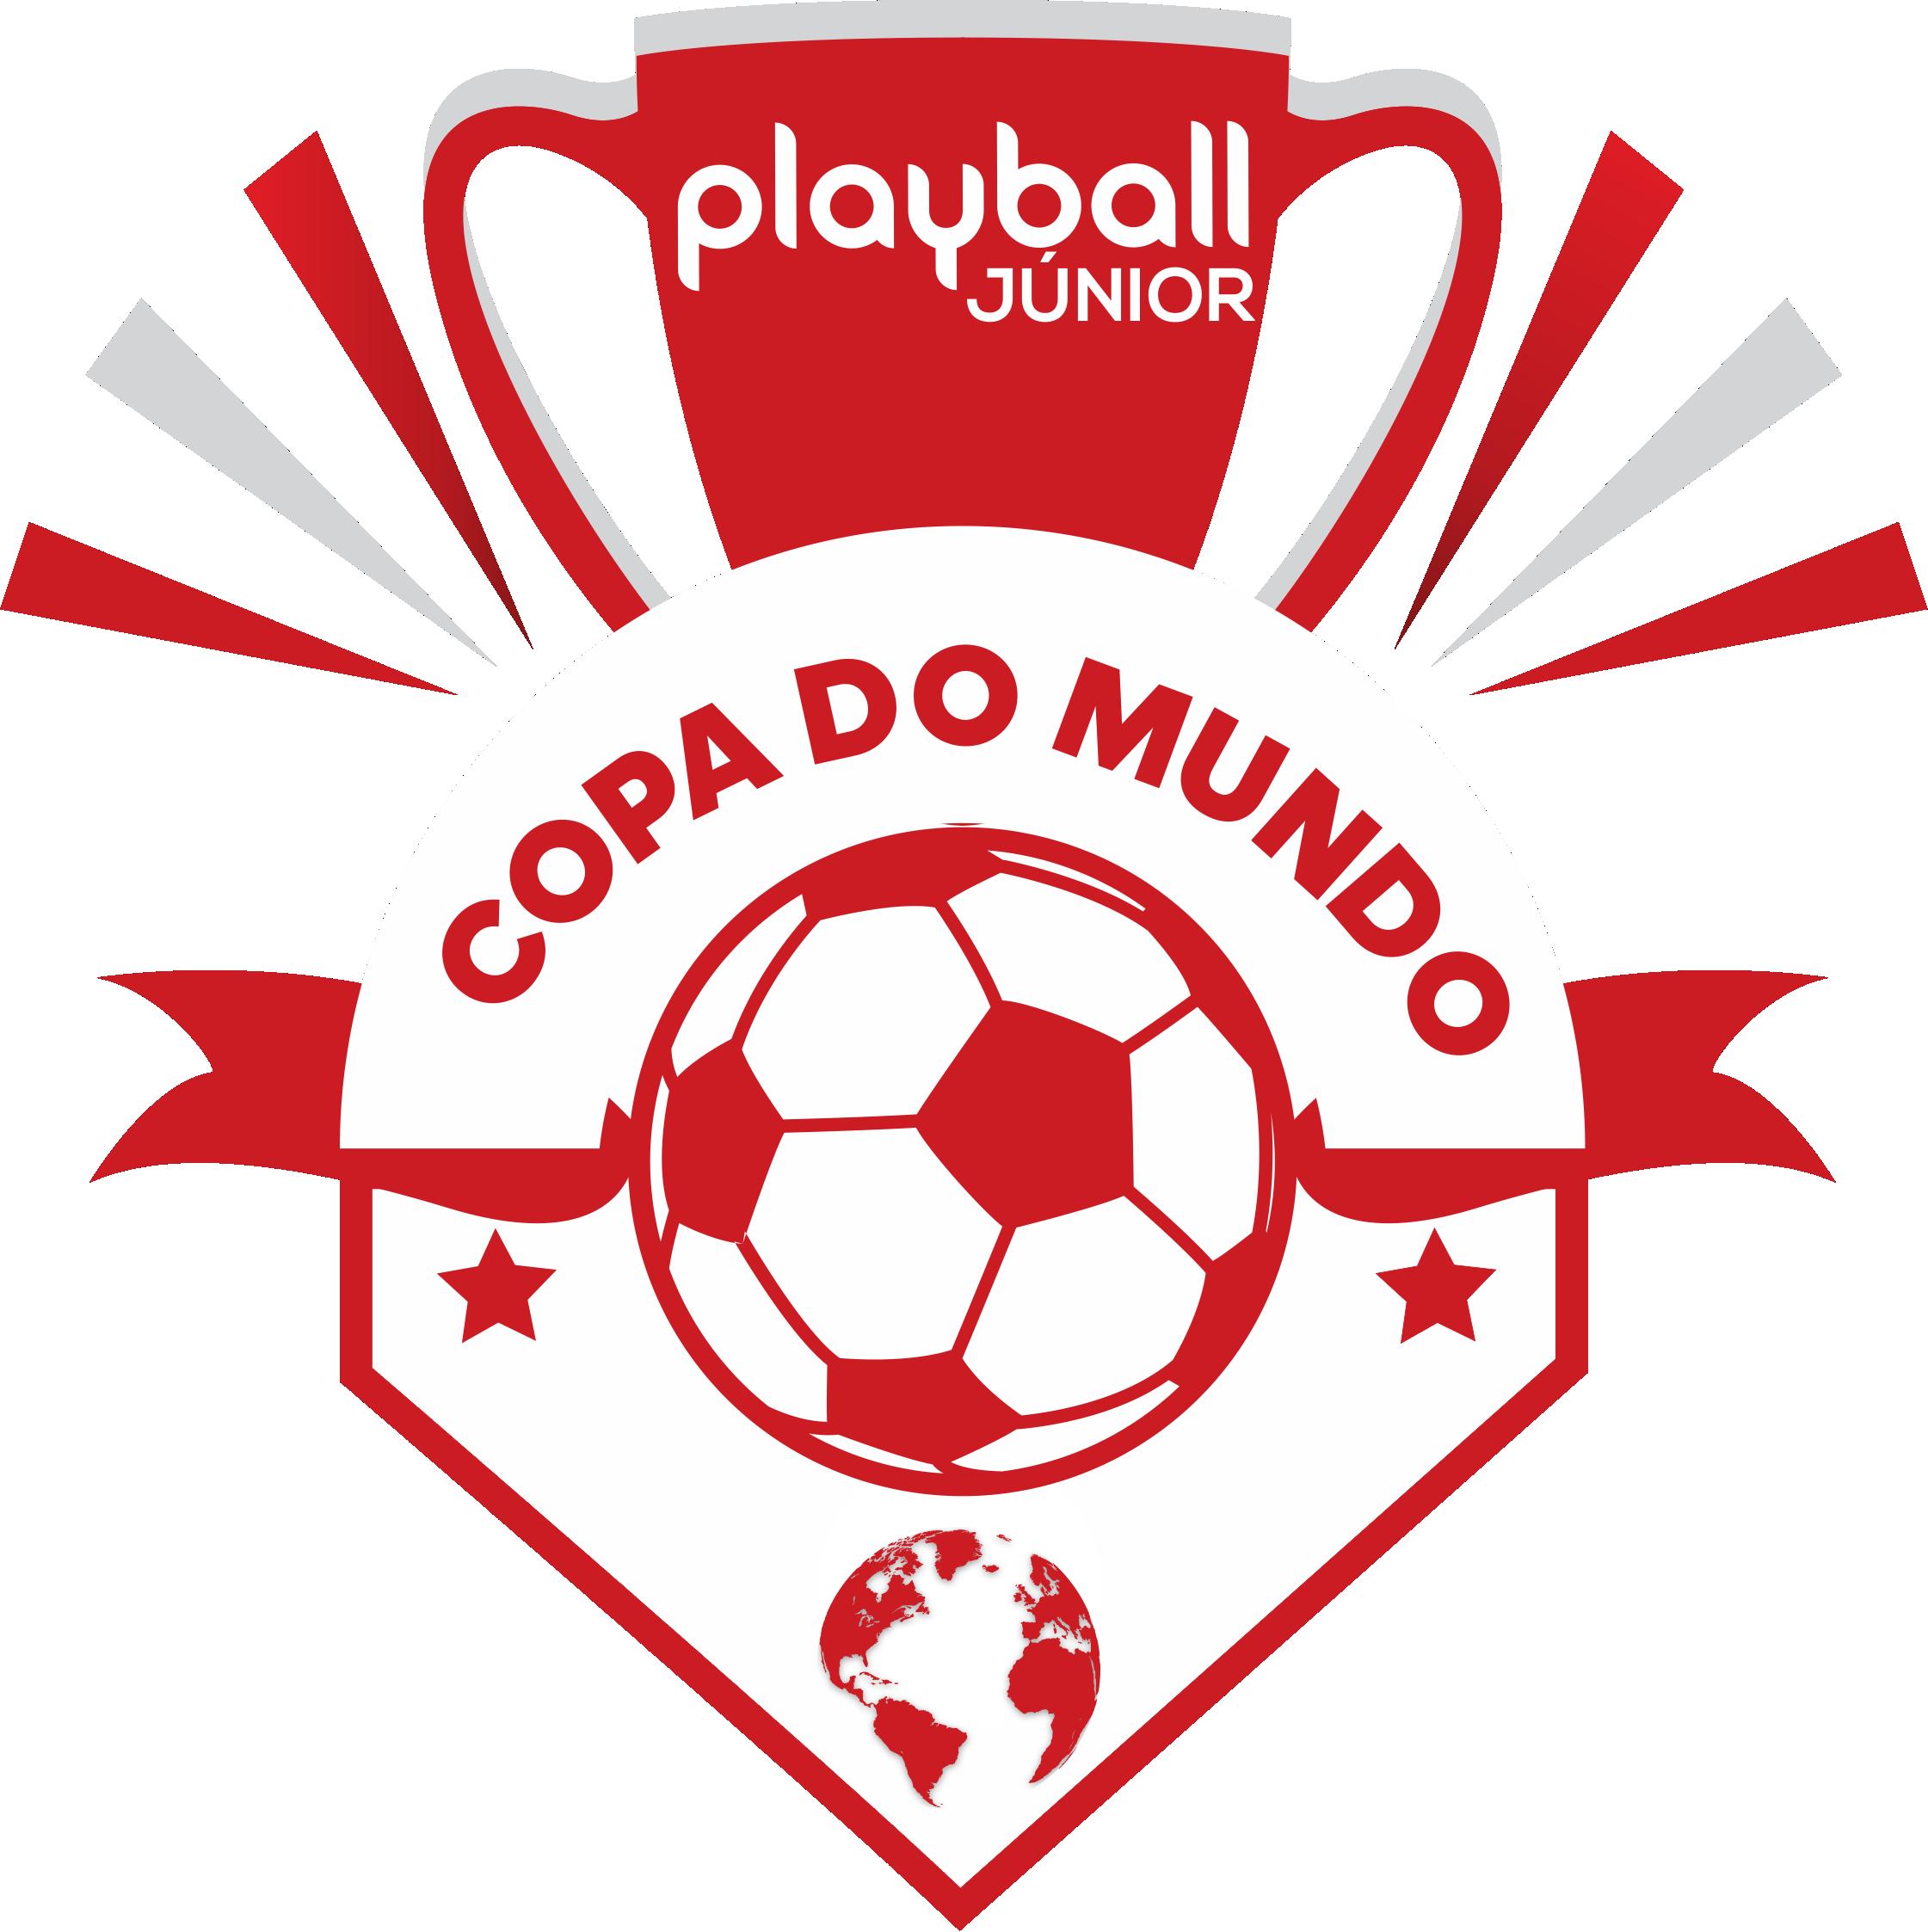 Copa do Mundo Playball Jr sub 9 Pompeia e Ceasa